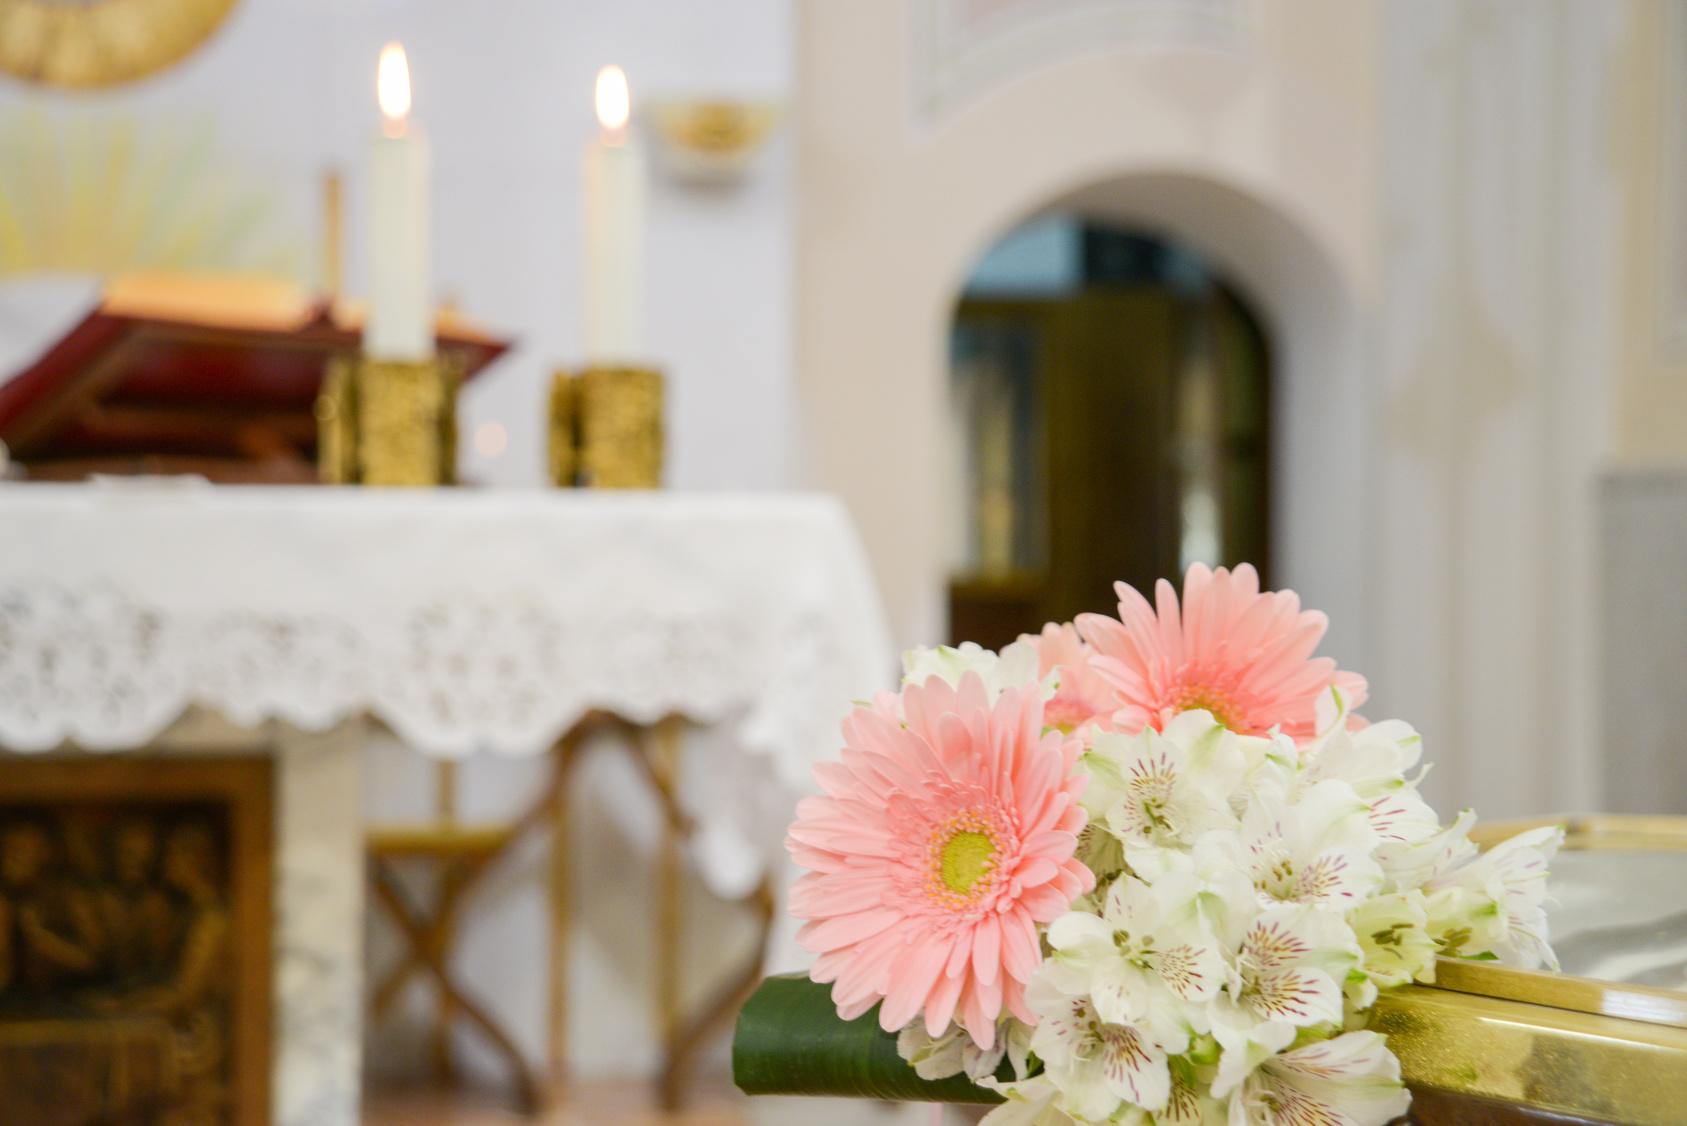 Addobbi funerari in chiesa